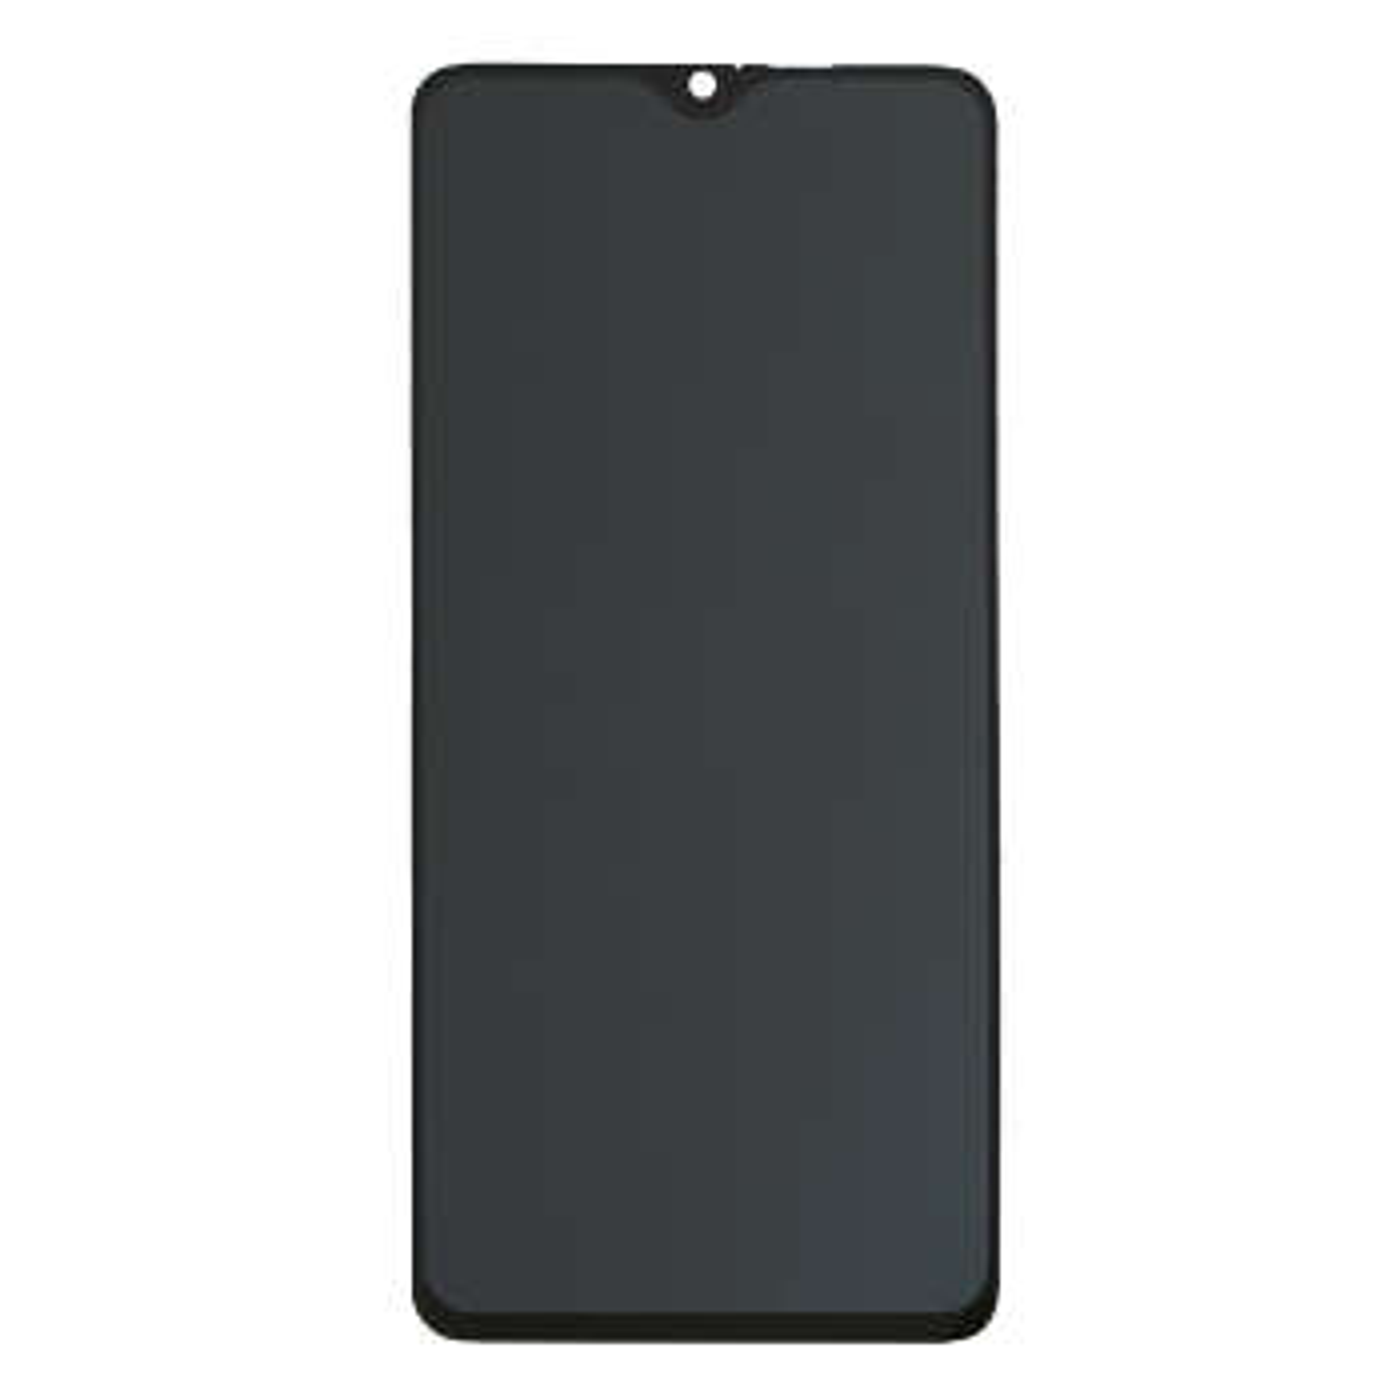 محافظ صفحه نمایش حریم شخصی مدل AKO مناسب برای گوشی موبایل شیائومی Redmi Note 8 Pro